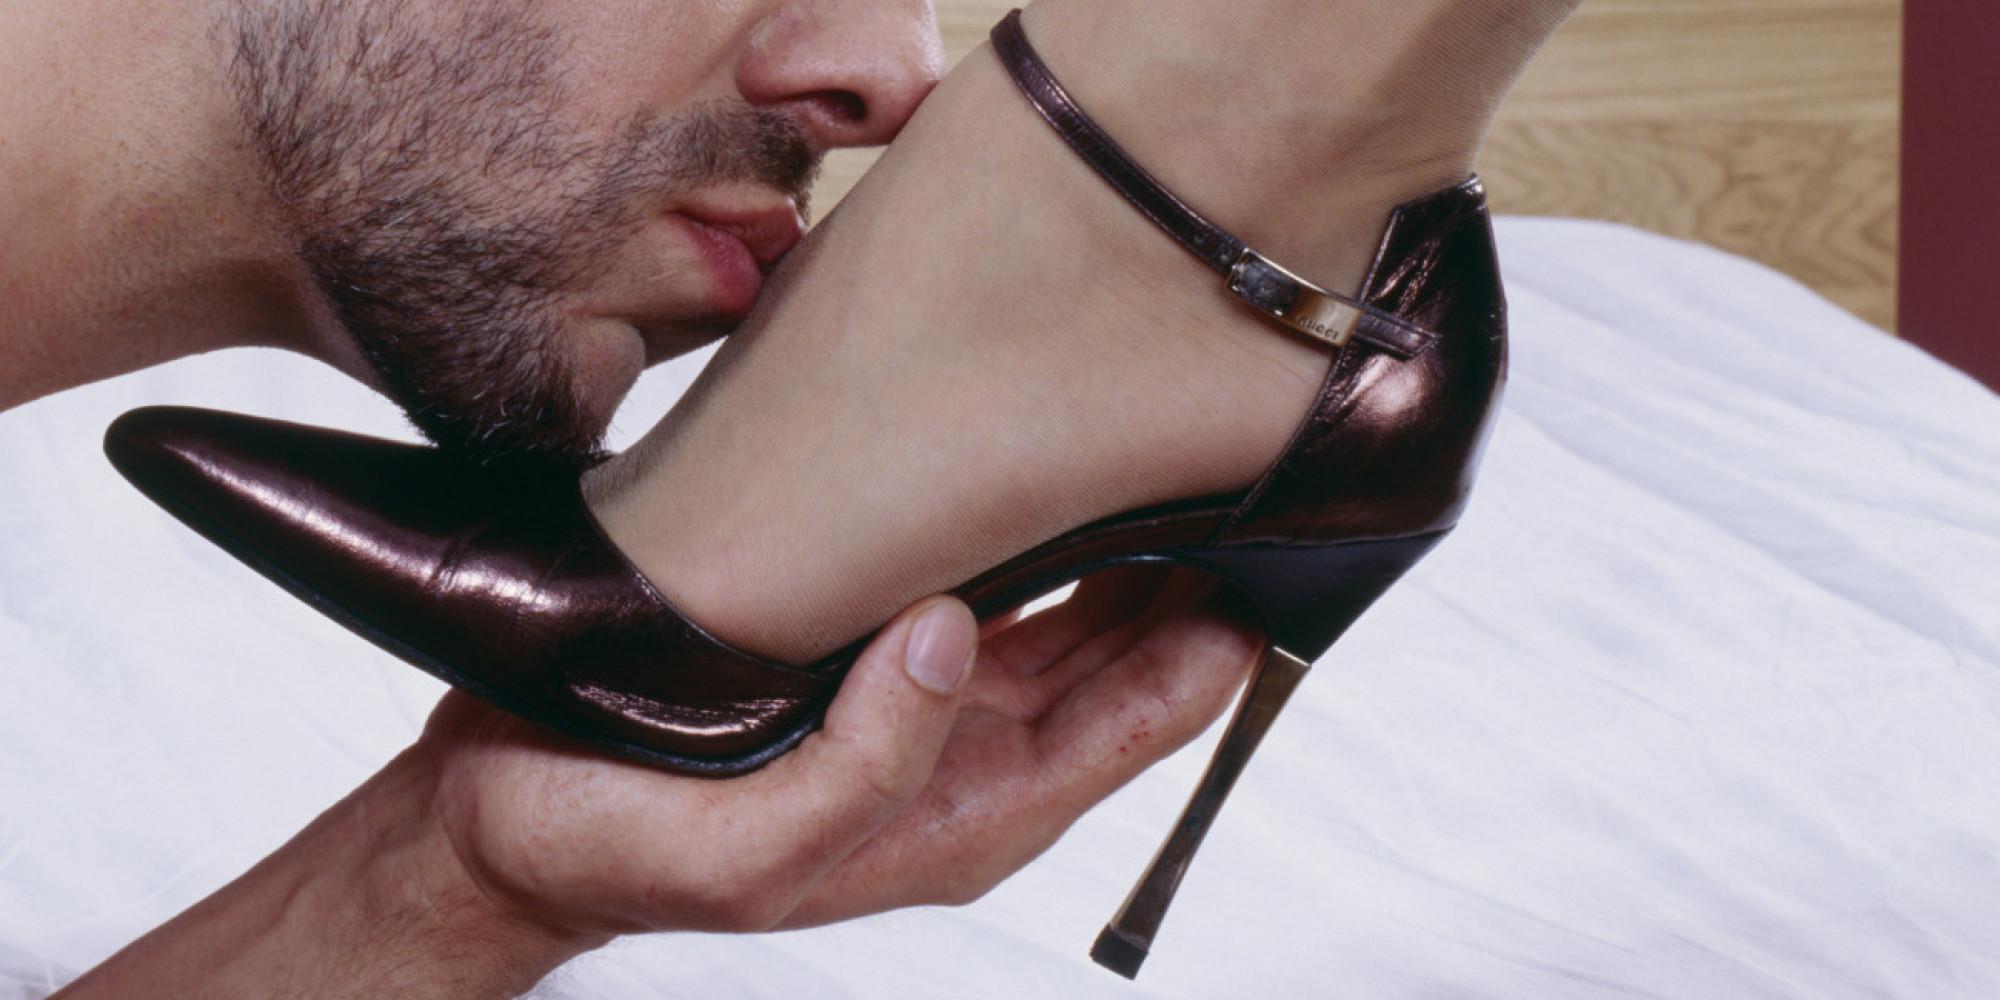 Раб под ногами госпожи видео #3